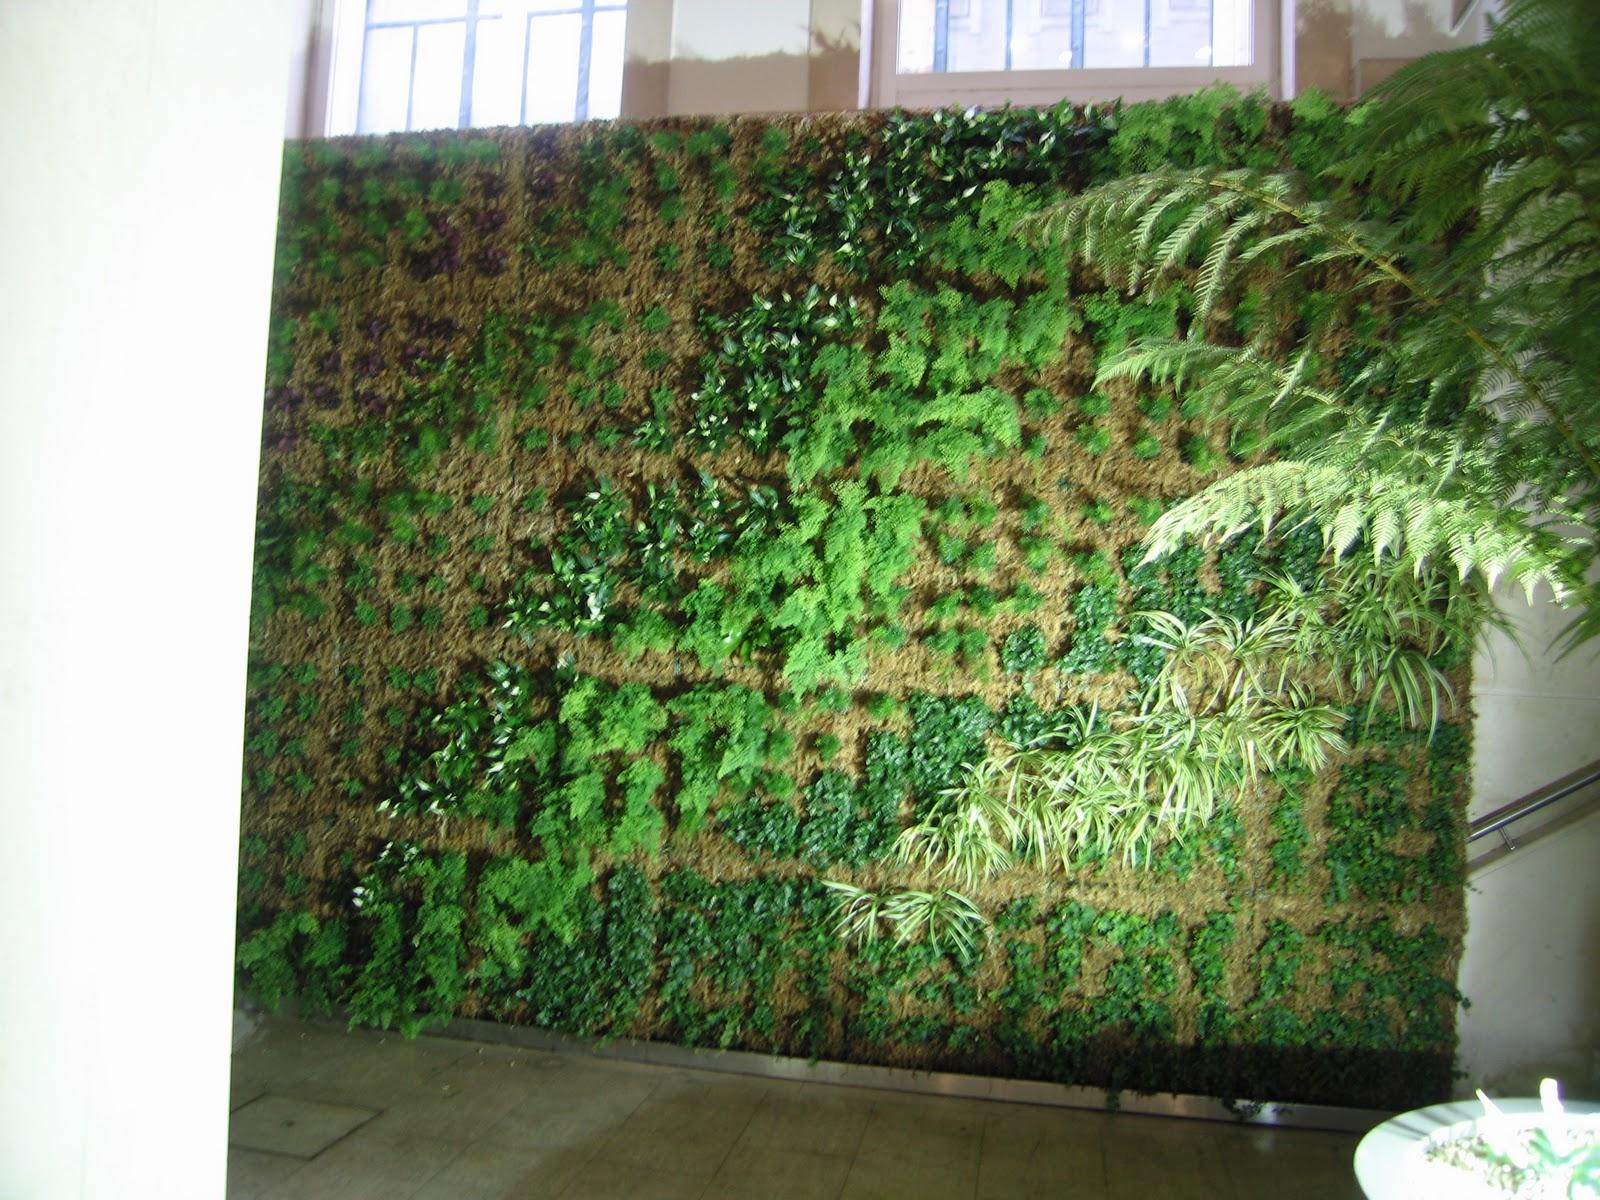 jardim vertical lisboa:Monteiro & Ricou portfolio: Obra – Jardins Verticais – CHIADO